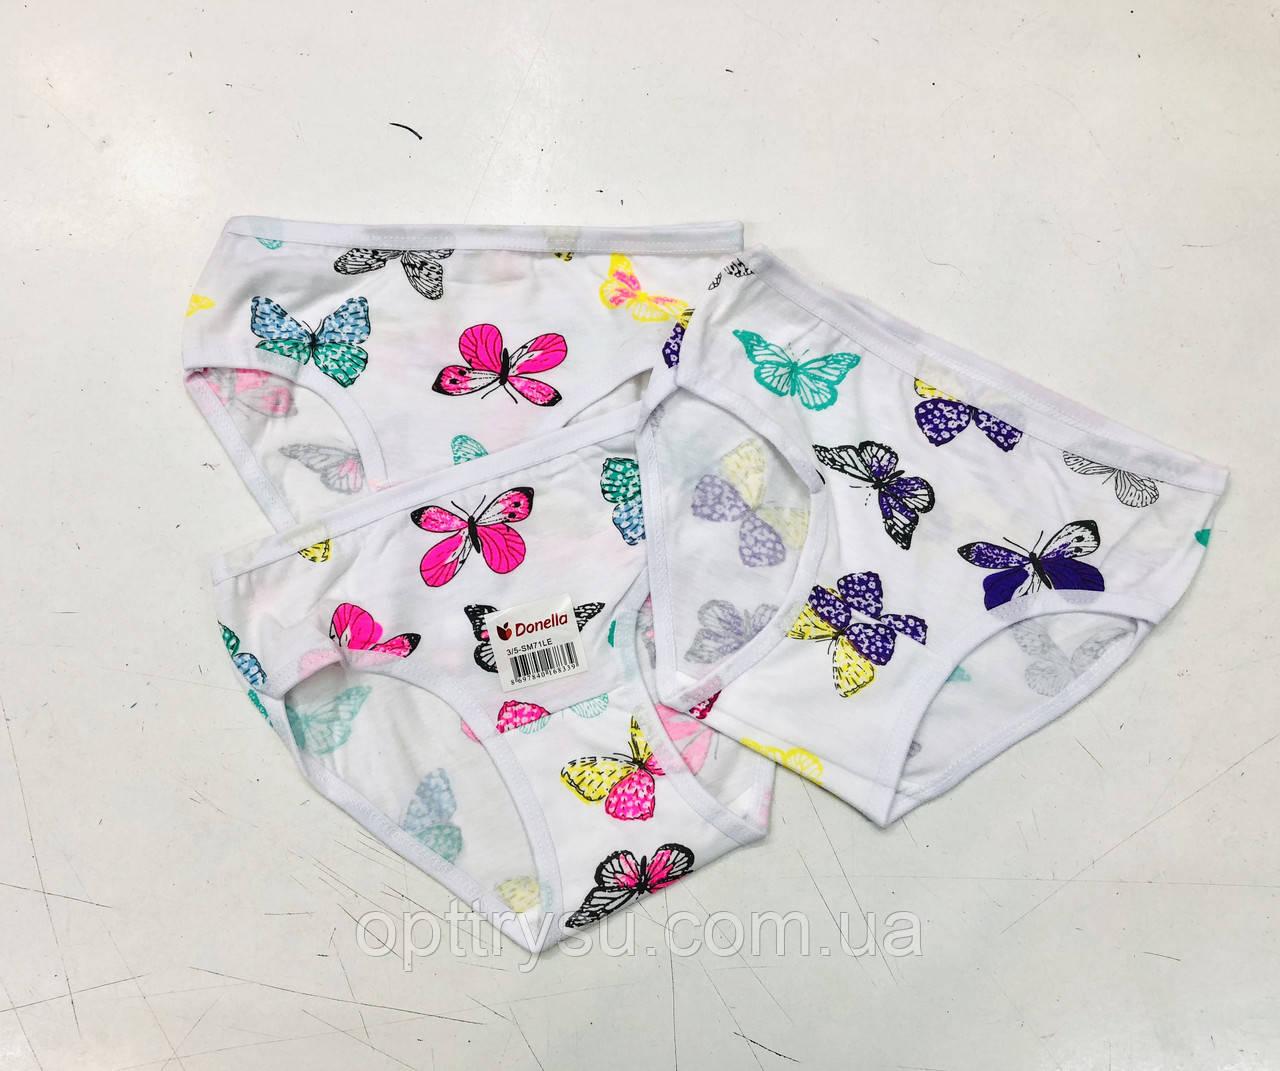 """Трусики на дівчинку Donella """"Метелики світлі"""" L 4-5 років"""